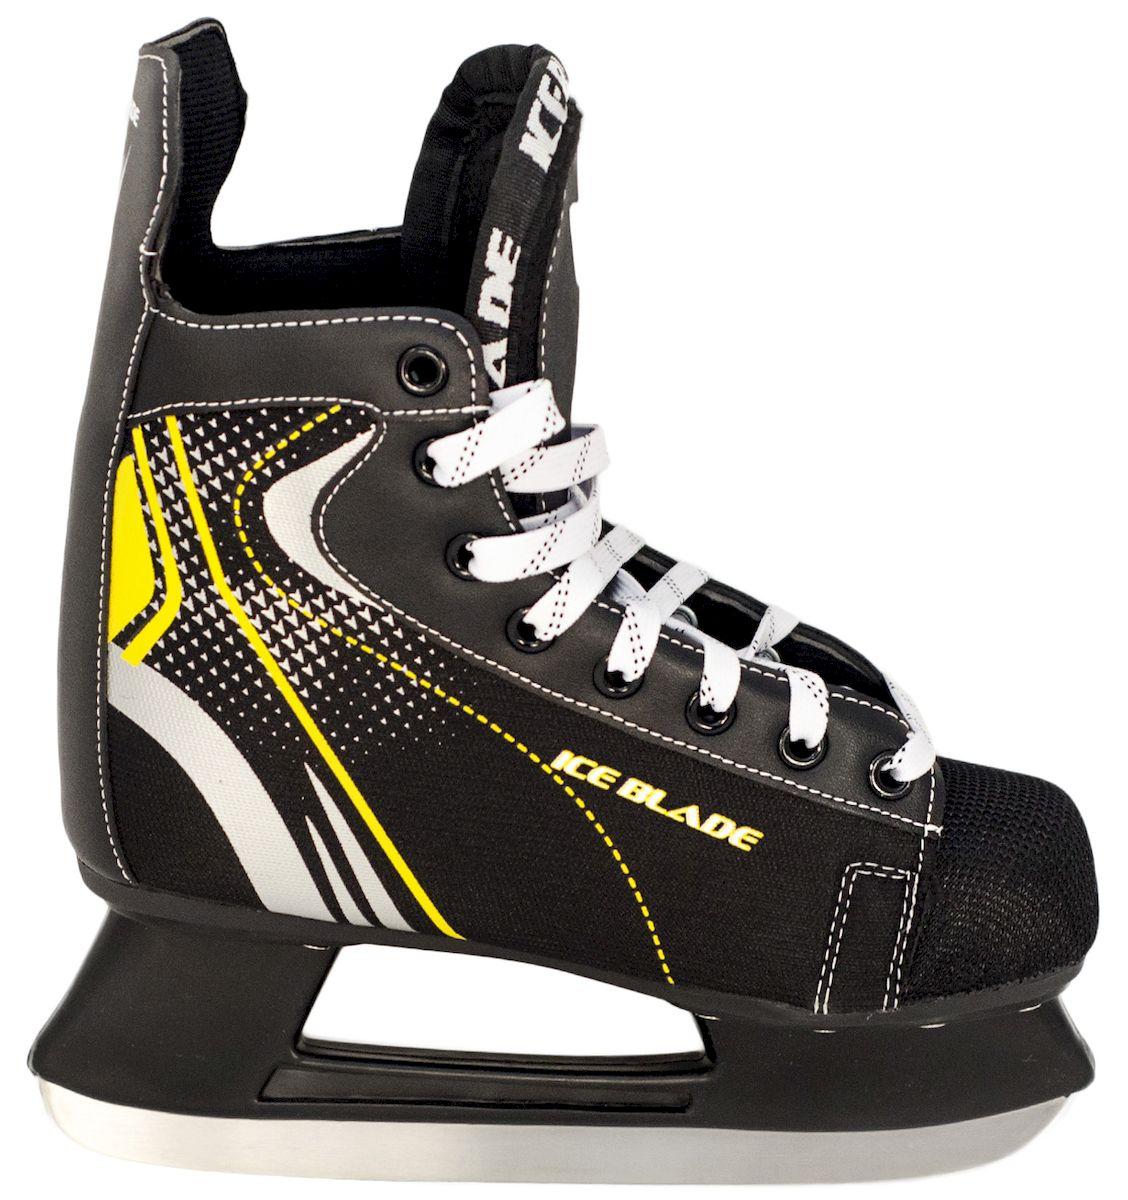 Коньки хоккейные Ice Blade Shark, цвет: черный, желтый. УТ-00006841. Размер 42